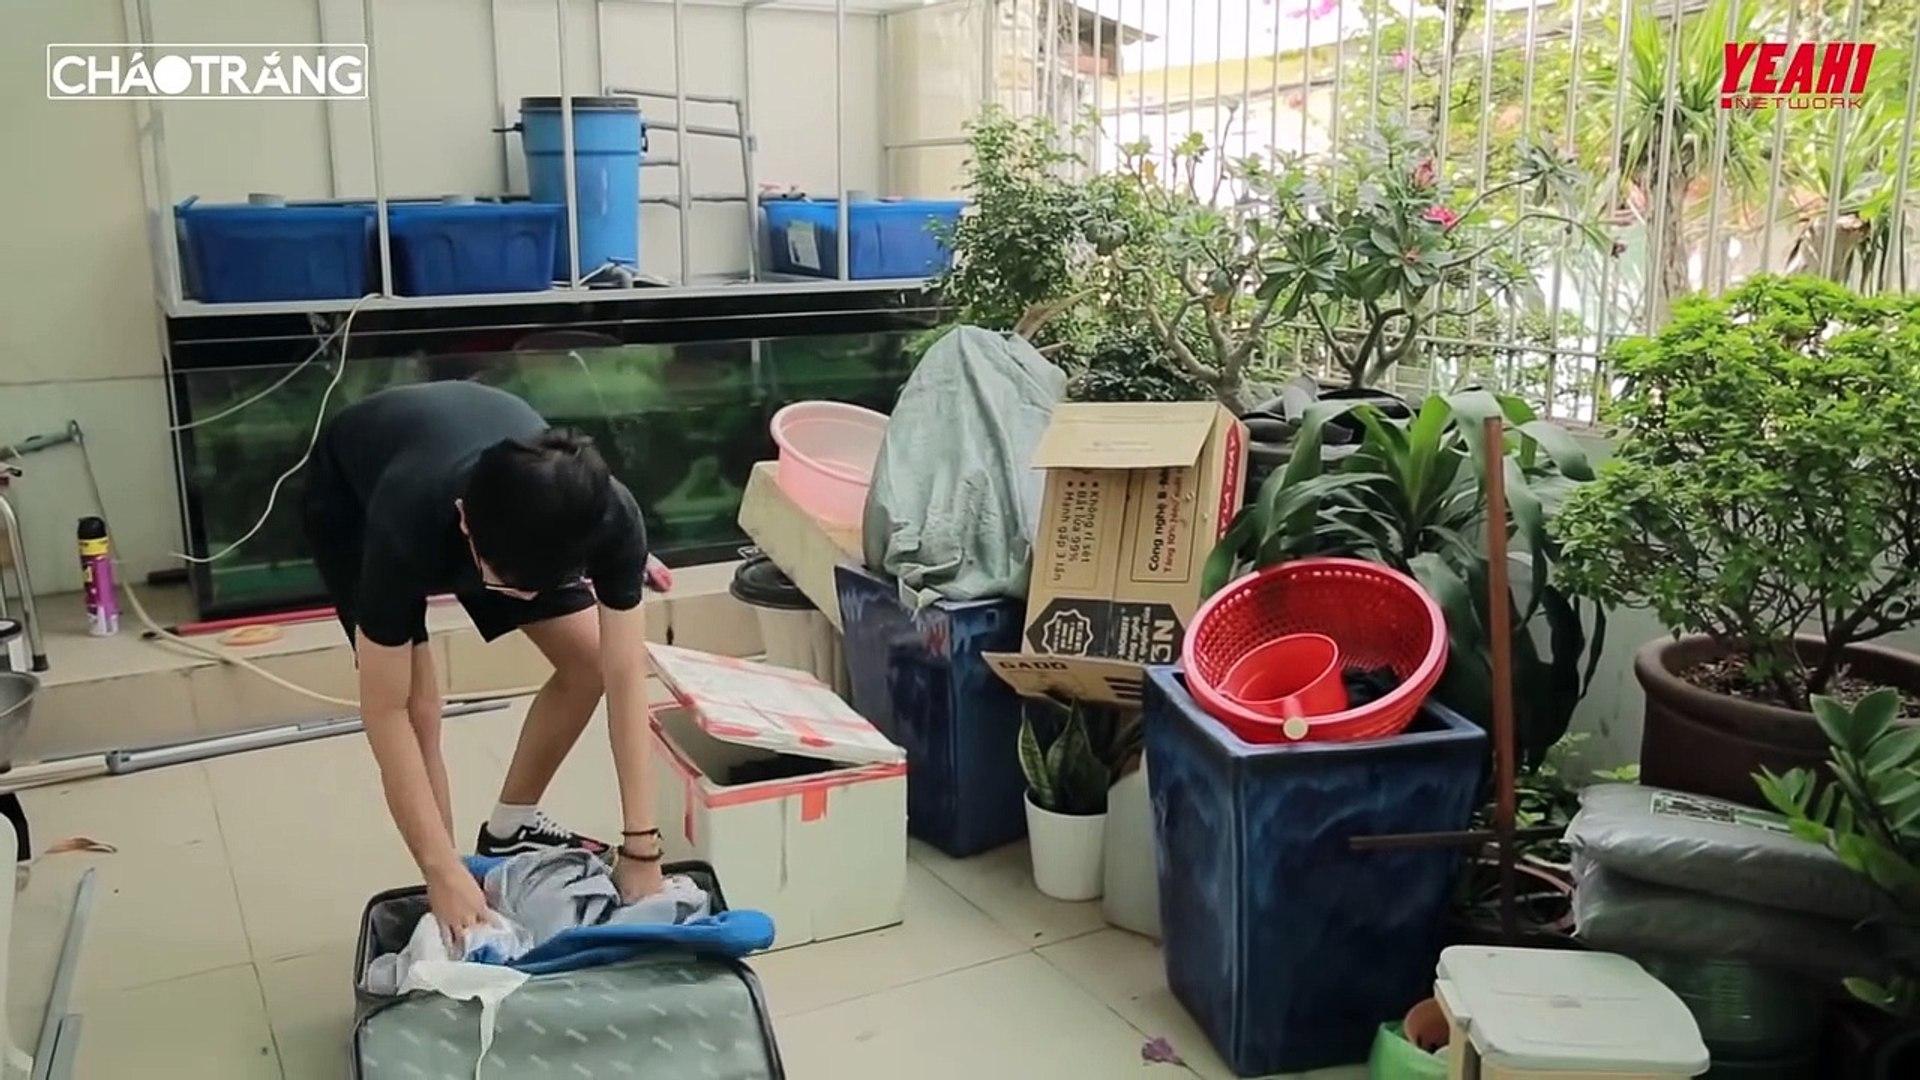 Gã nhà giàu coi thường túi đồ cũ rách vứt cho người nghèo - Phim Ngắn 2019 - Cháo Trắng 17 - YouTube